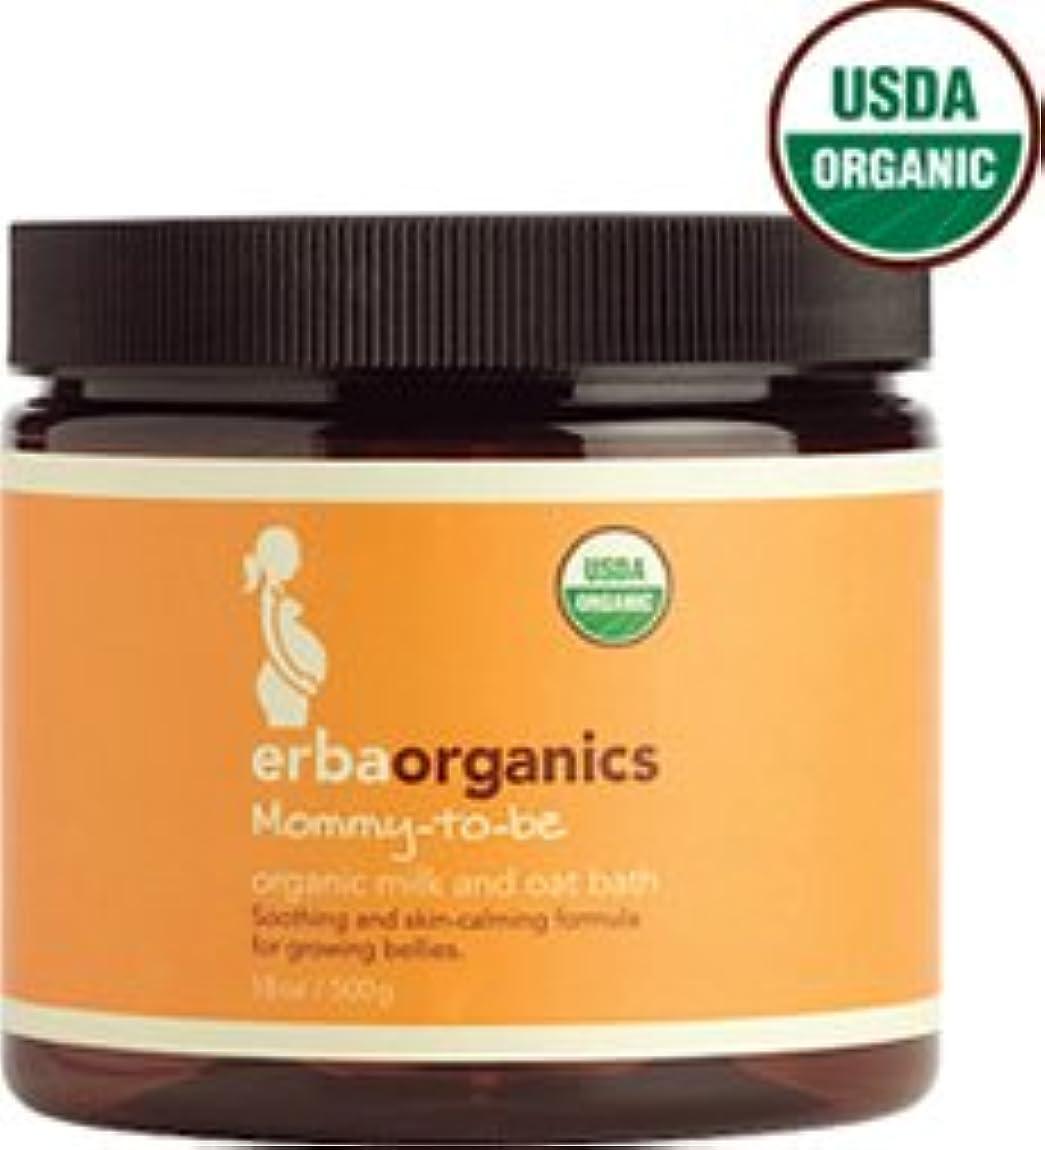 生物学インペリアル遺伝的erba organics〈エルバオーガニックス〉M&Oバスソルト 500g 《マミーライン オーガニック入浴料》